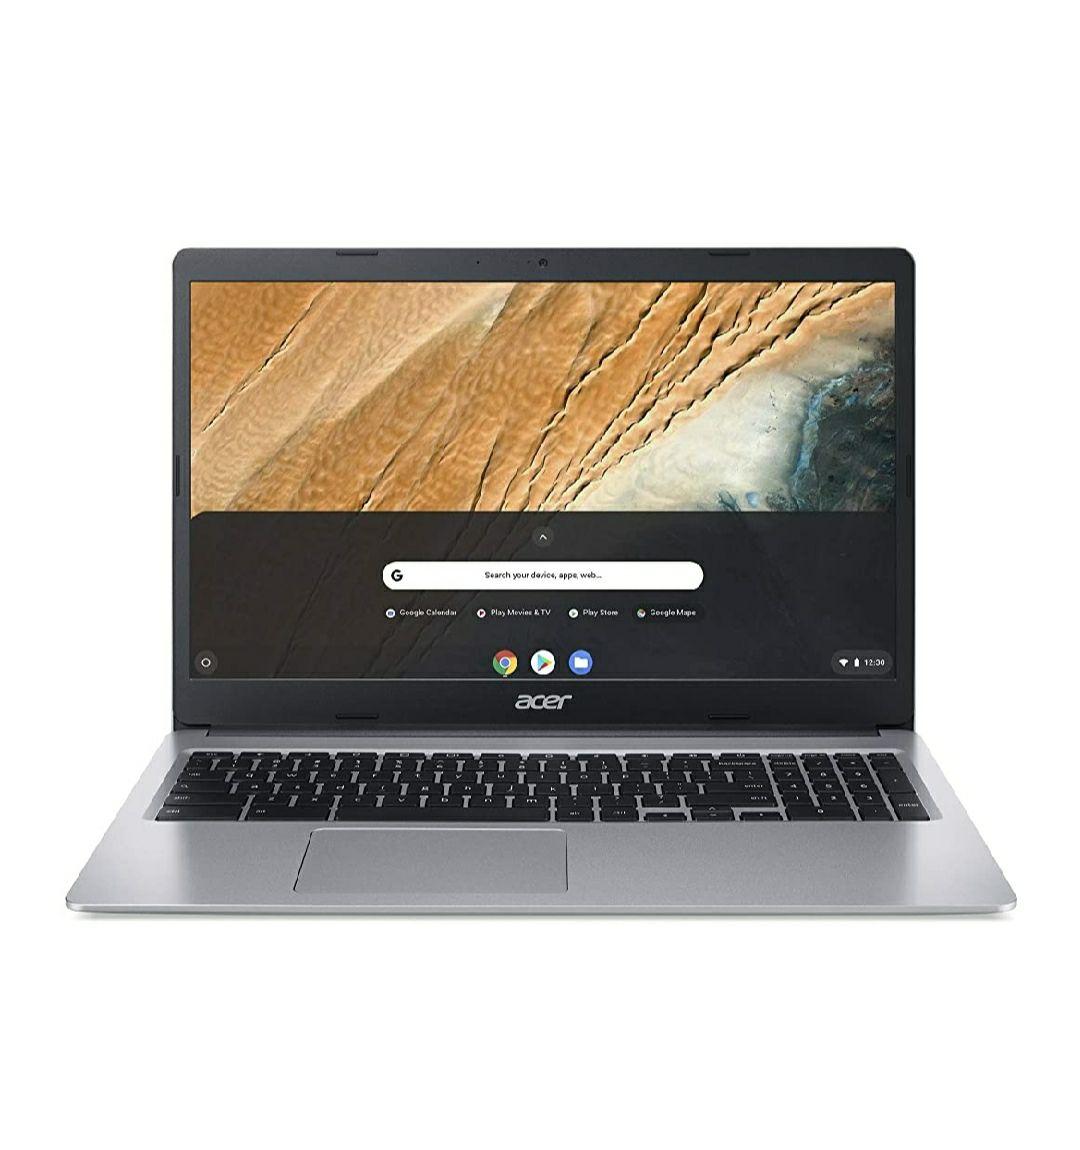 Acer Chromebook 315 (15,6 Zoll Full-HD IPS matt, 20mm flach, MicroSD Slot, Google Chrome OS) Silber